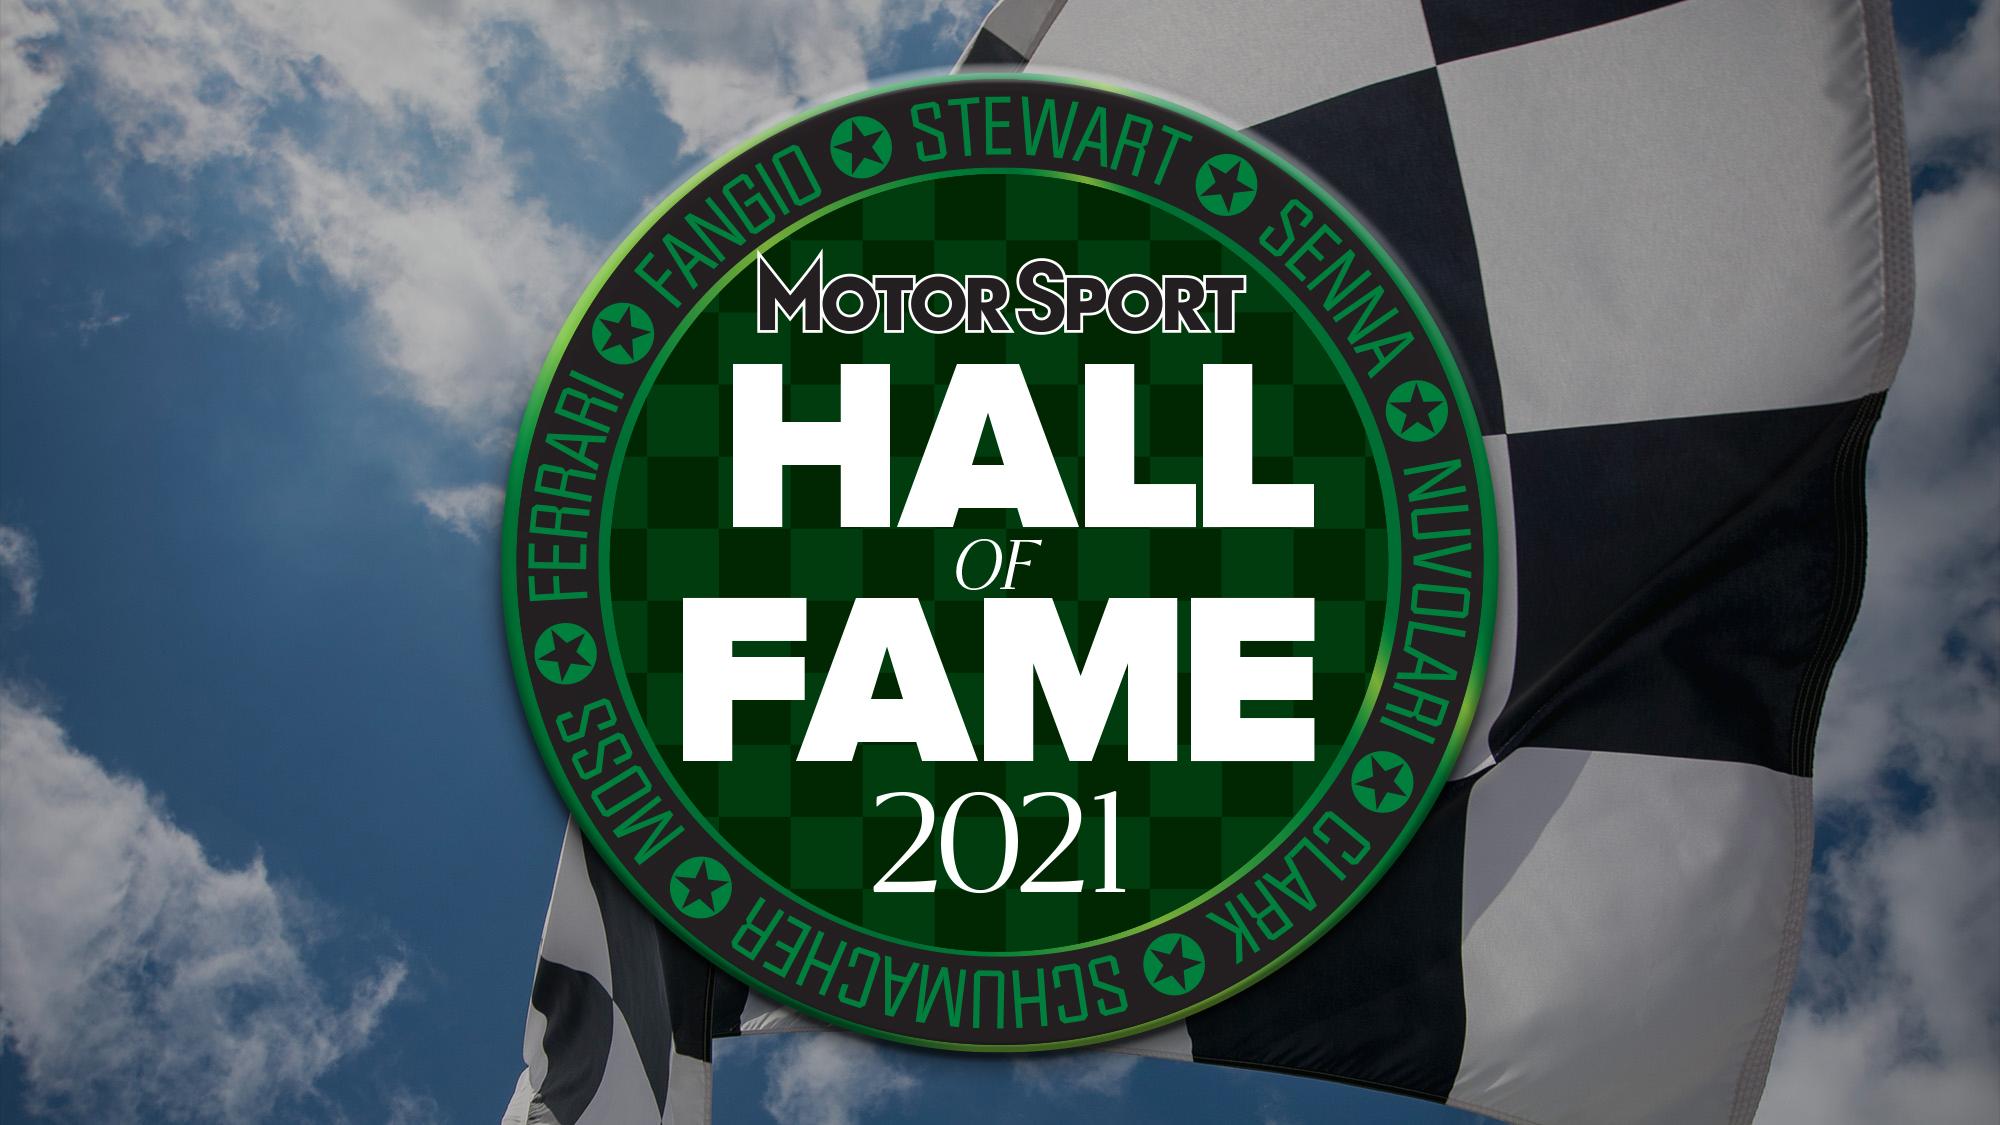 Hall of Fame 2021 header